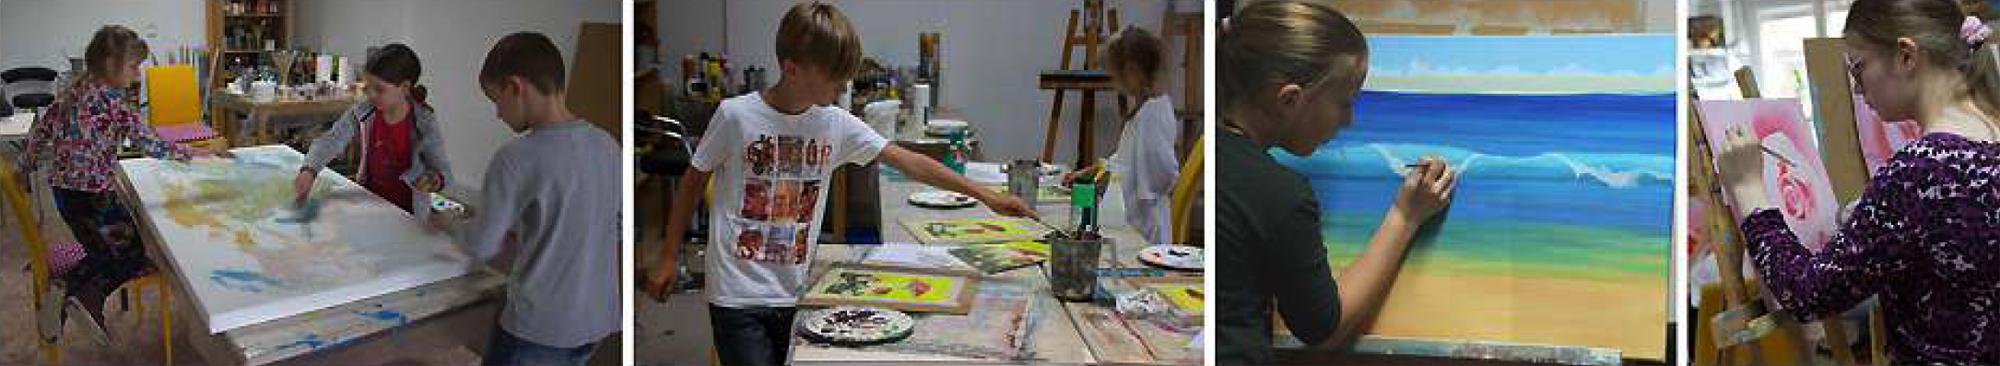 Jugend-Akademie Junge KünstlerKunstakademie Wertheim, Akademie für Fotorealismus, Atelier Leoni